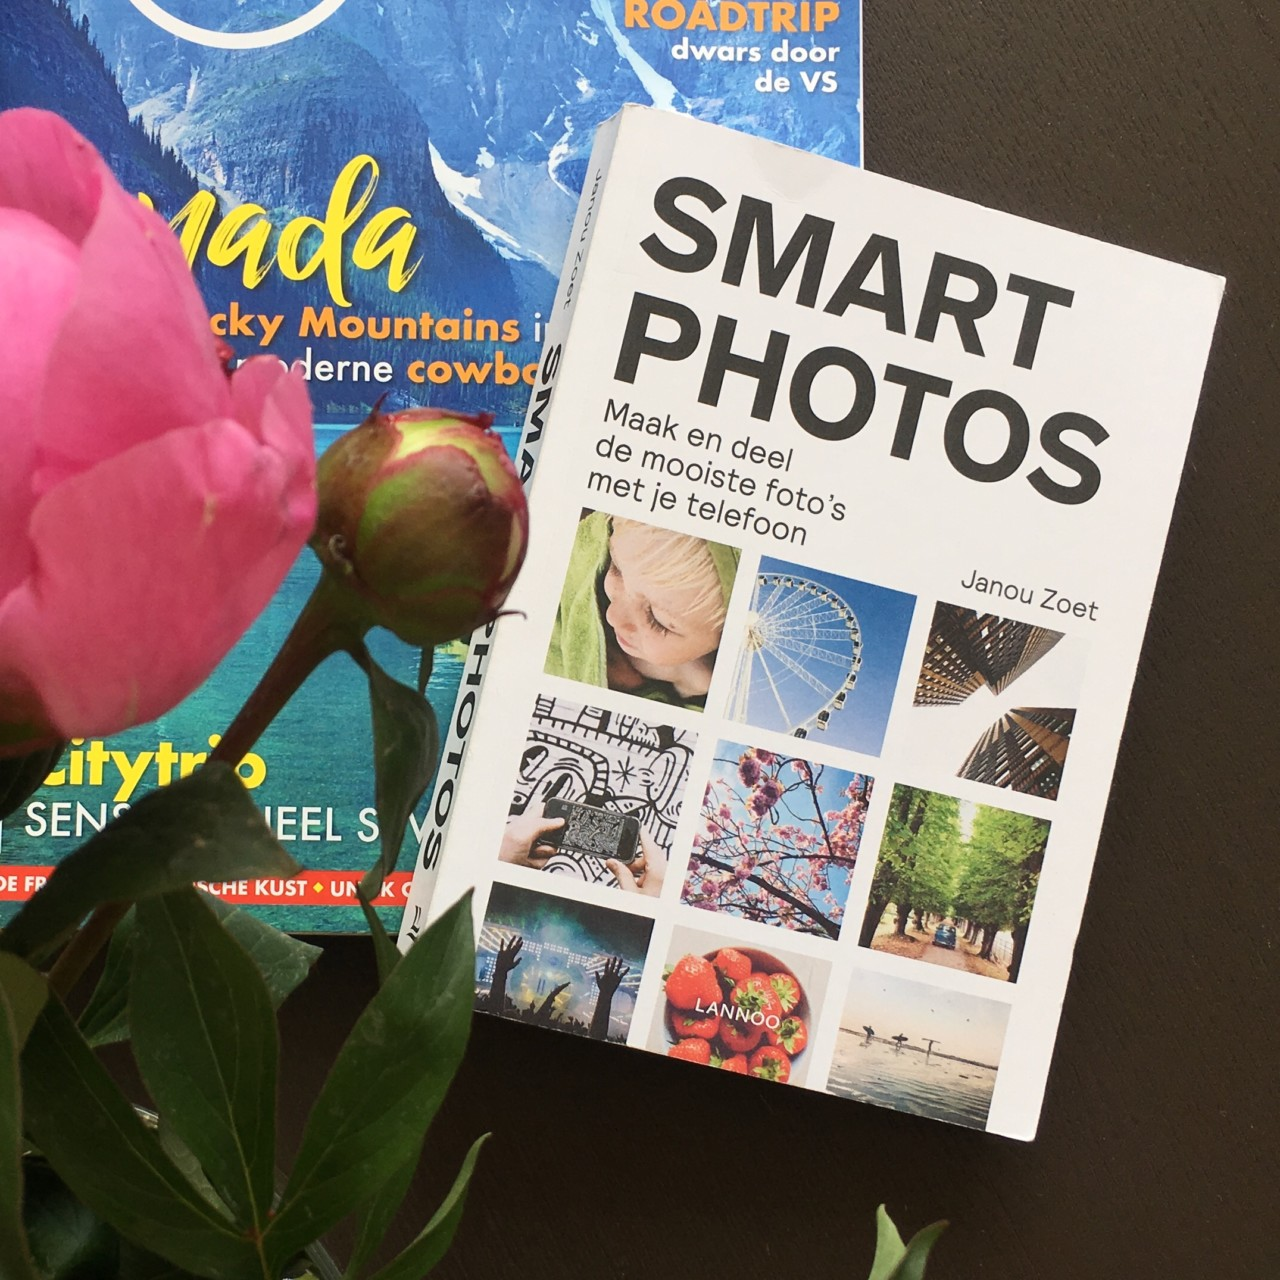 Boek smartphone fotografie